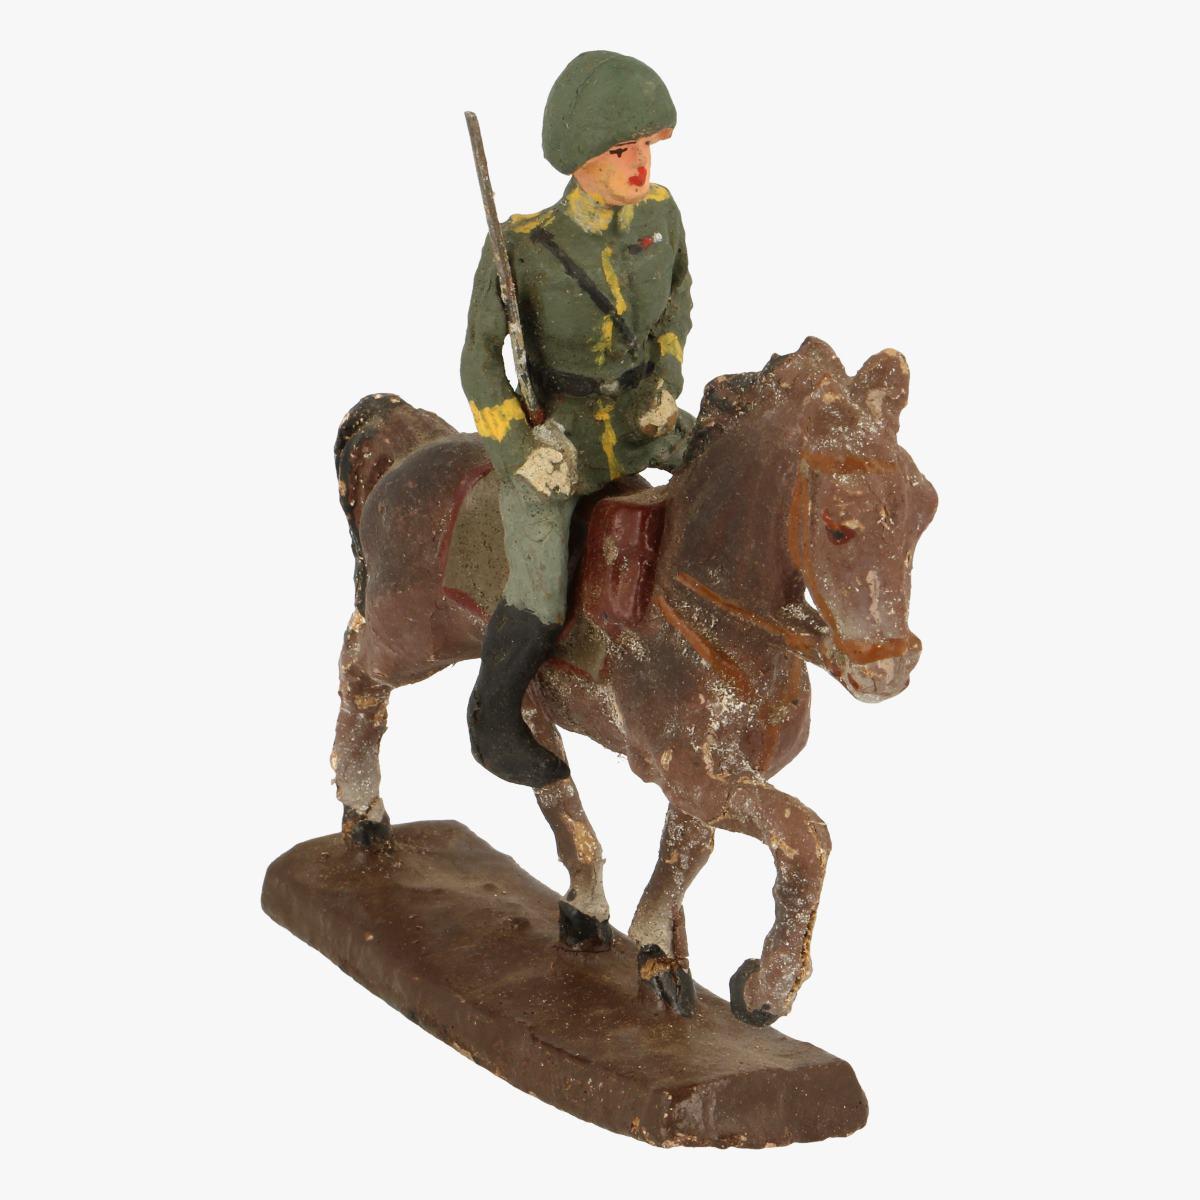 Afbeeldingen van Elastolin soldaatje op paard fabr: Elastolin Germany